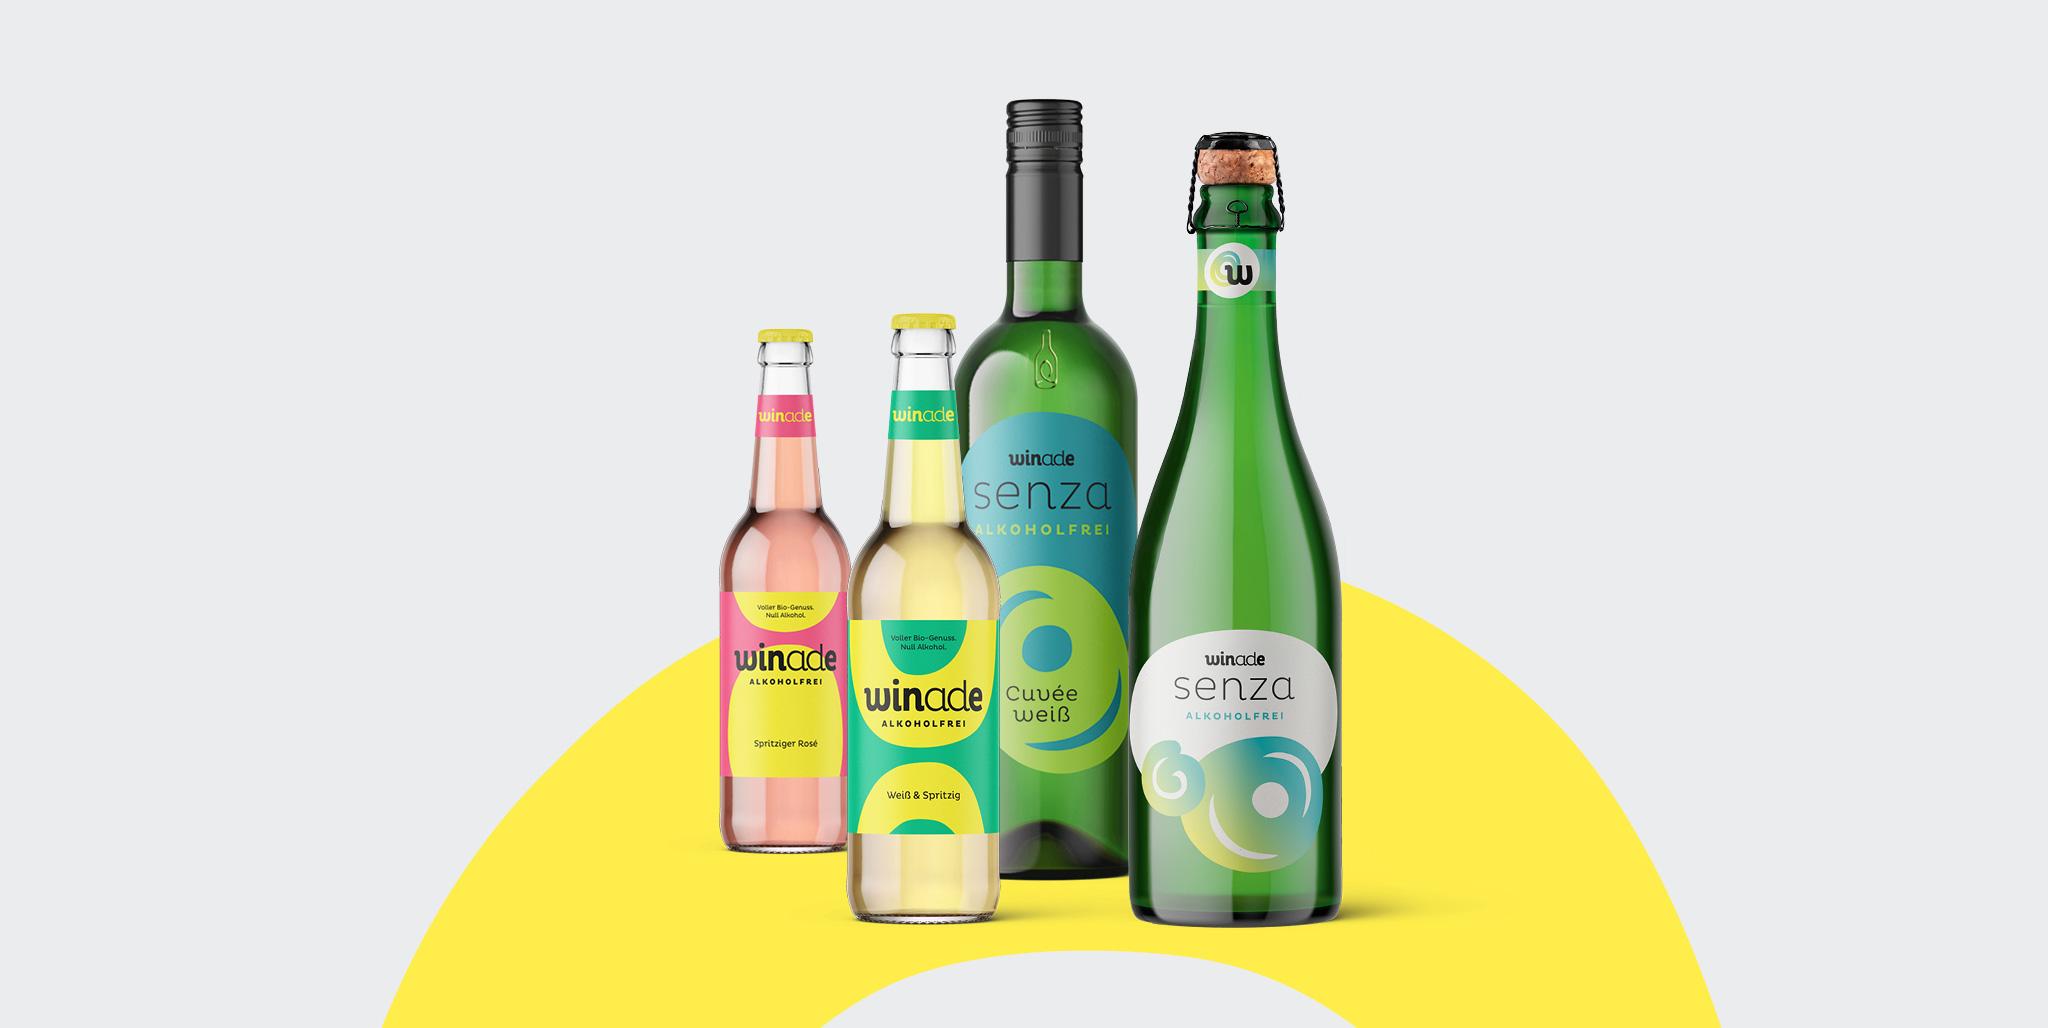 Winade Markenentwicklung: Produktfamilie Senza und Winade